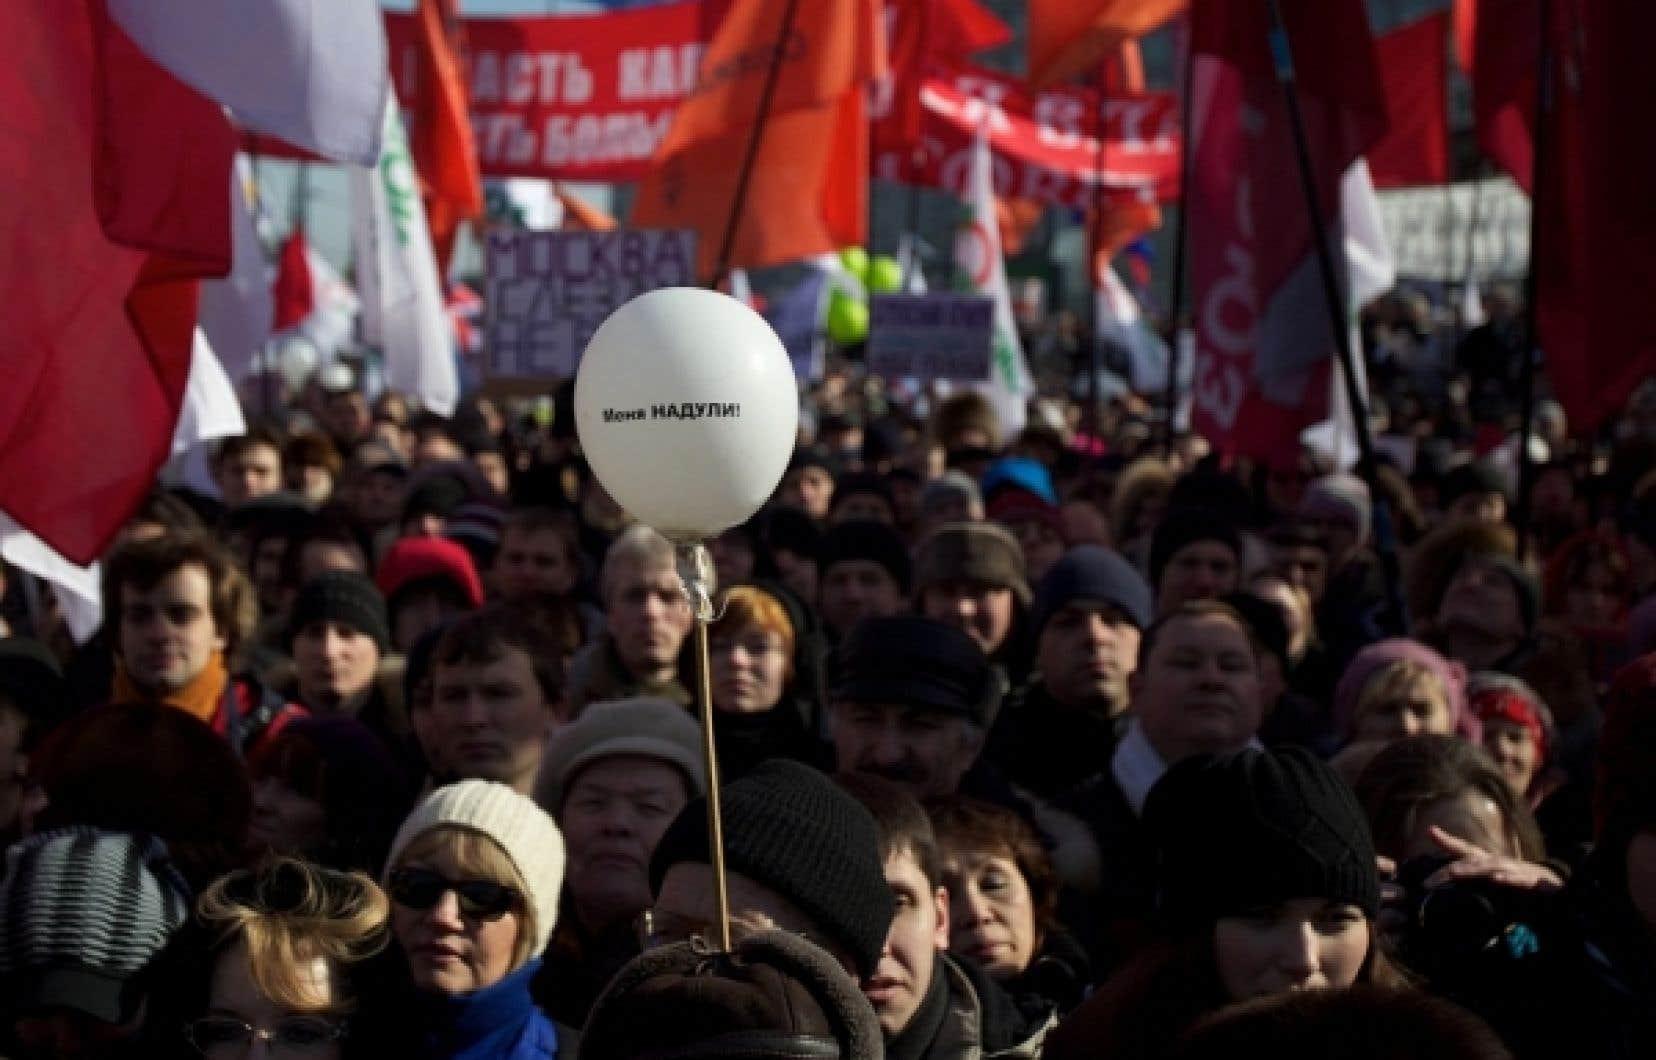 Lors de la manifestation d'opposants russes à Vladimir Poutine, qui se tenait dans les rues de Moscou aujourd'hui, on pouvait lire sur un ballon «J'ai été victime d'une escroquerie».